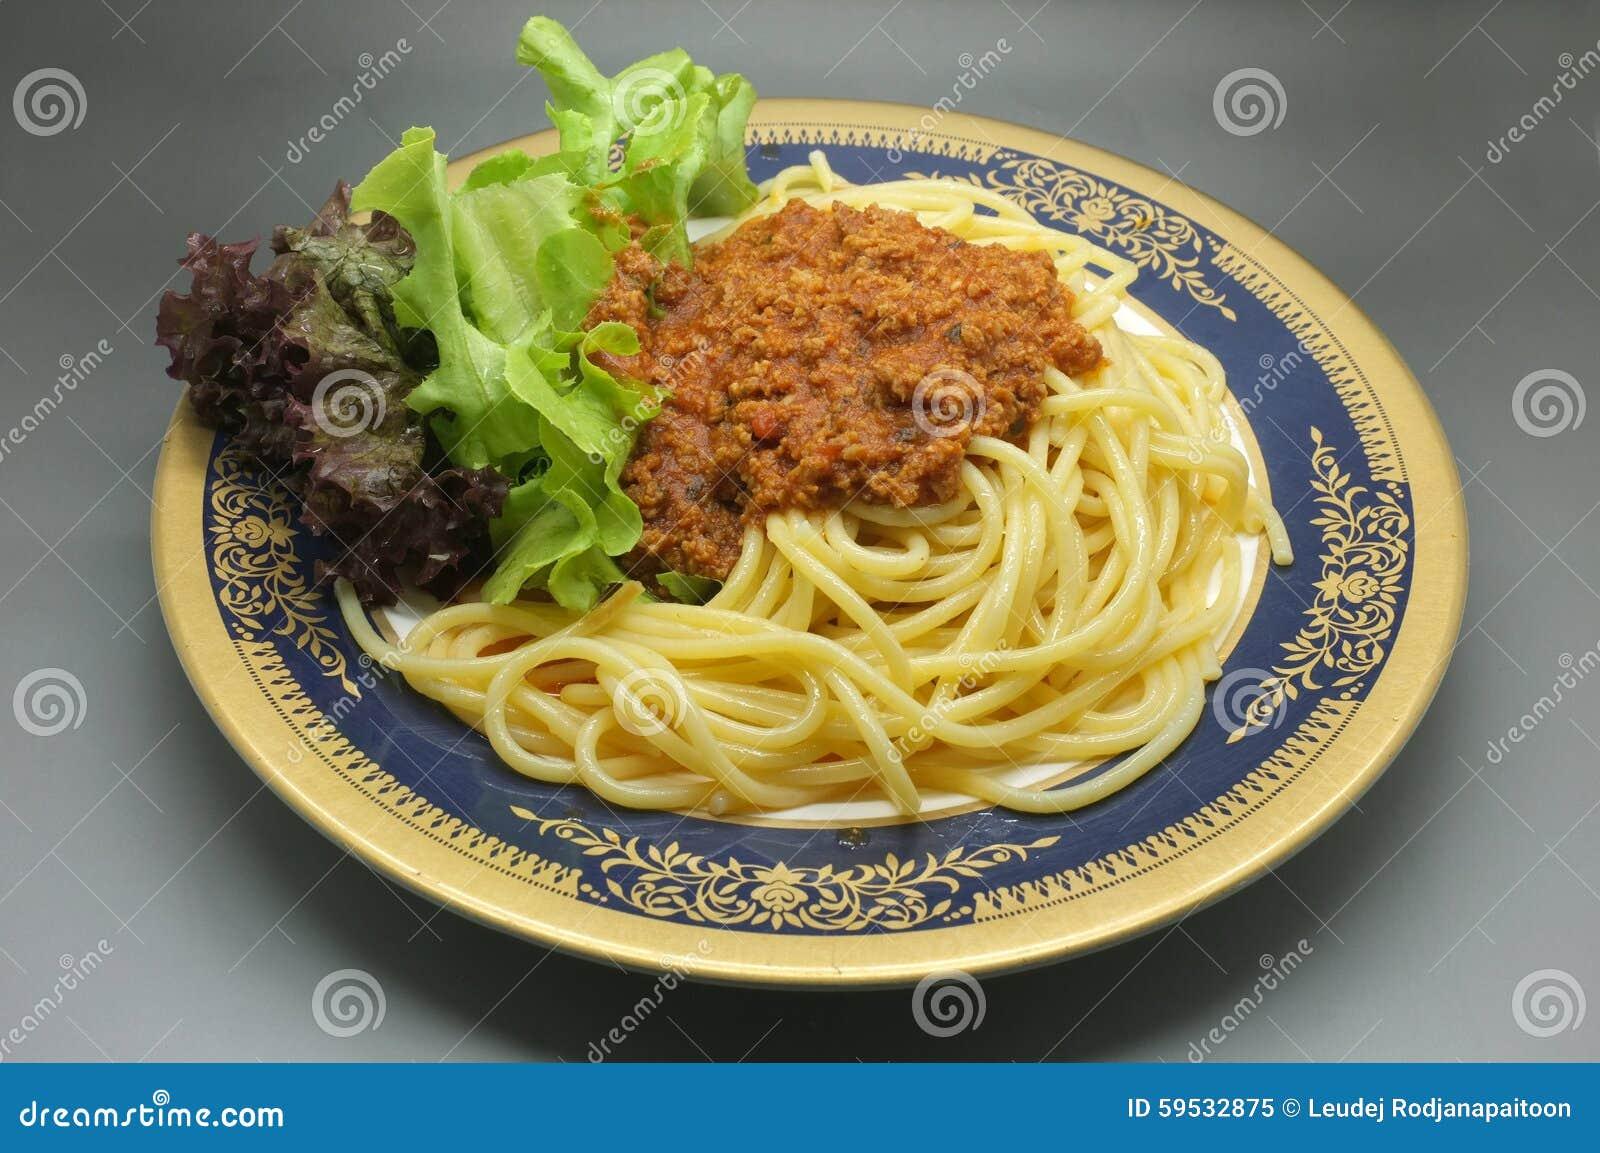 Spaghetti Bolognese, vleestomatensaus met sla